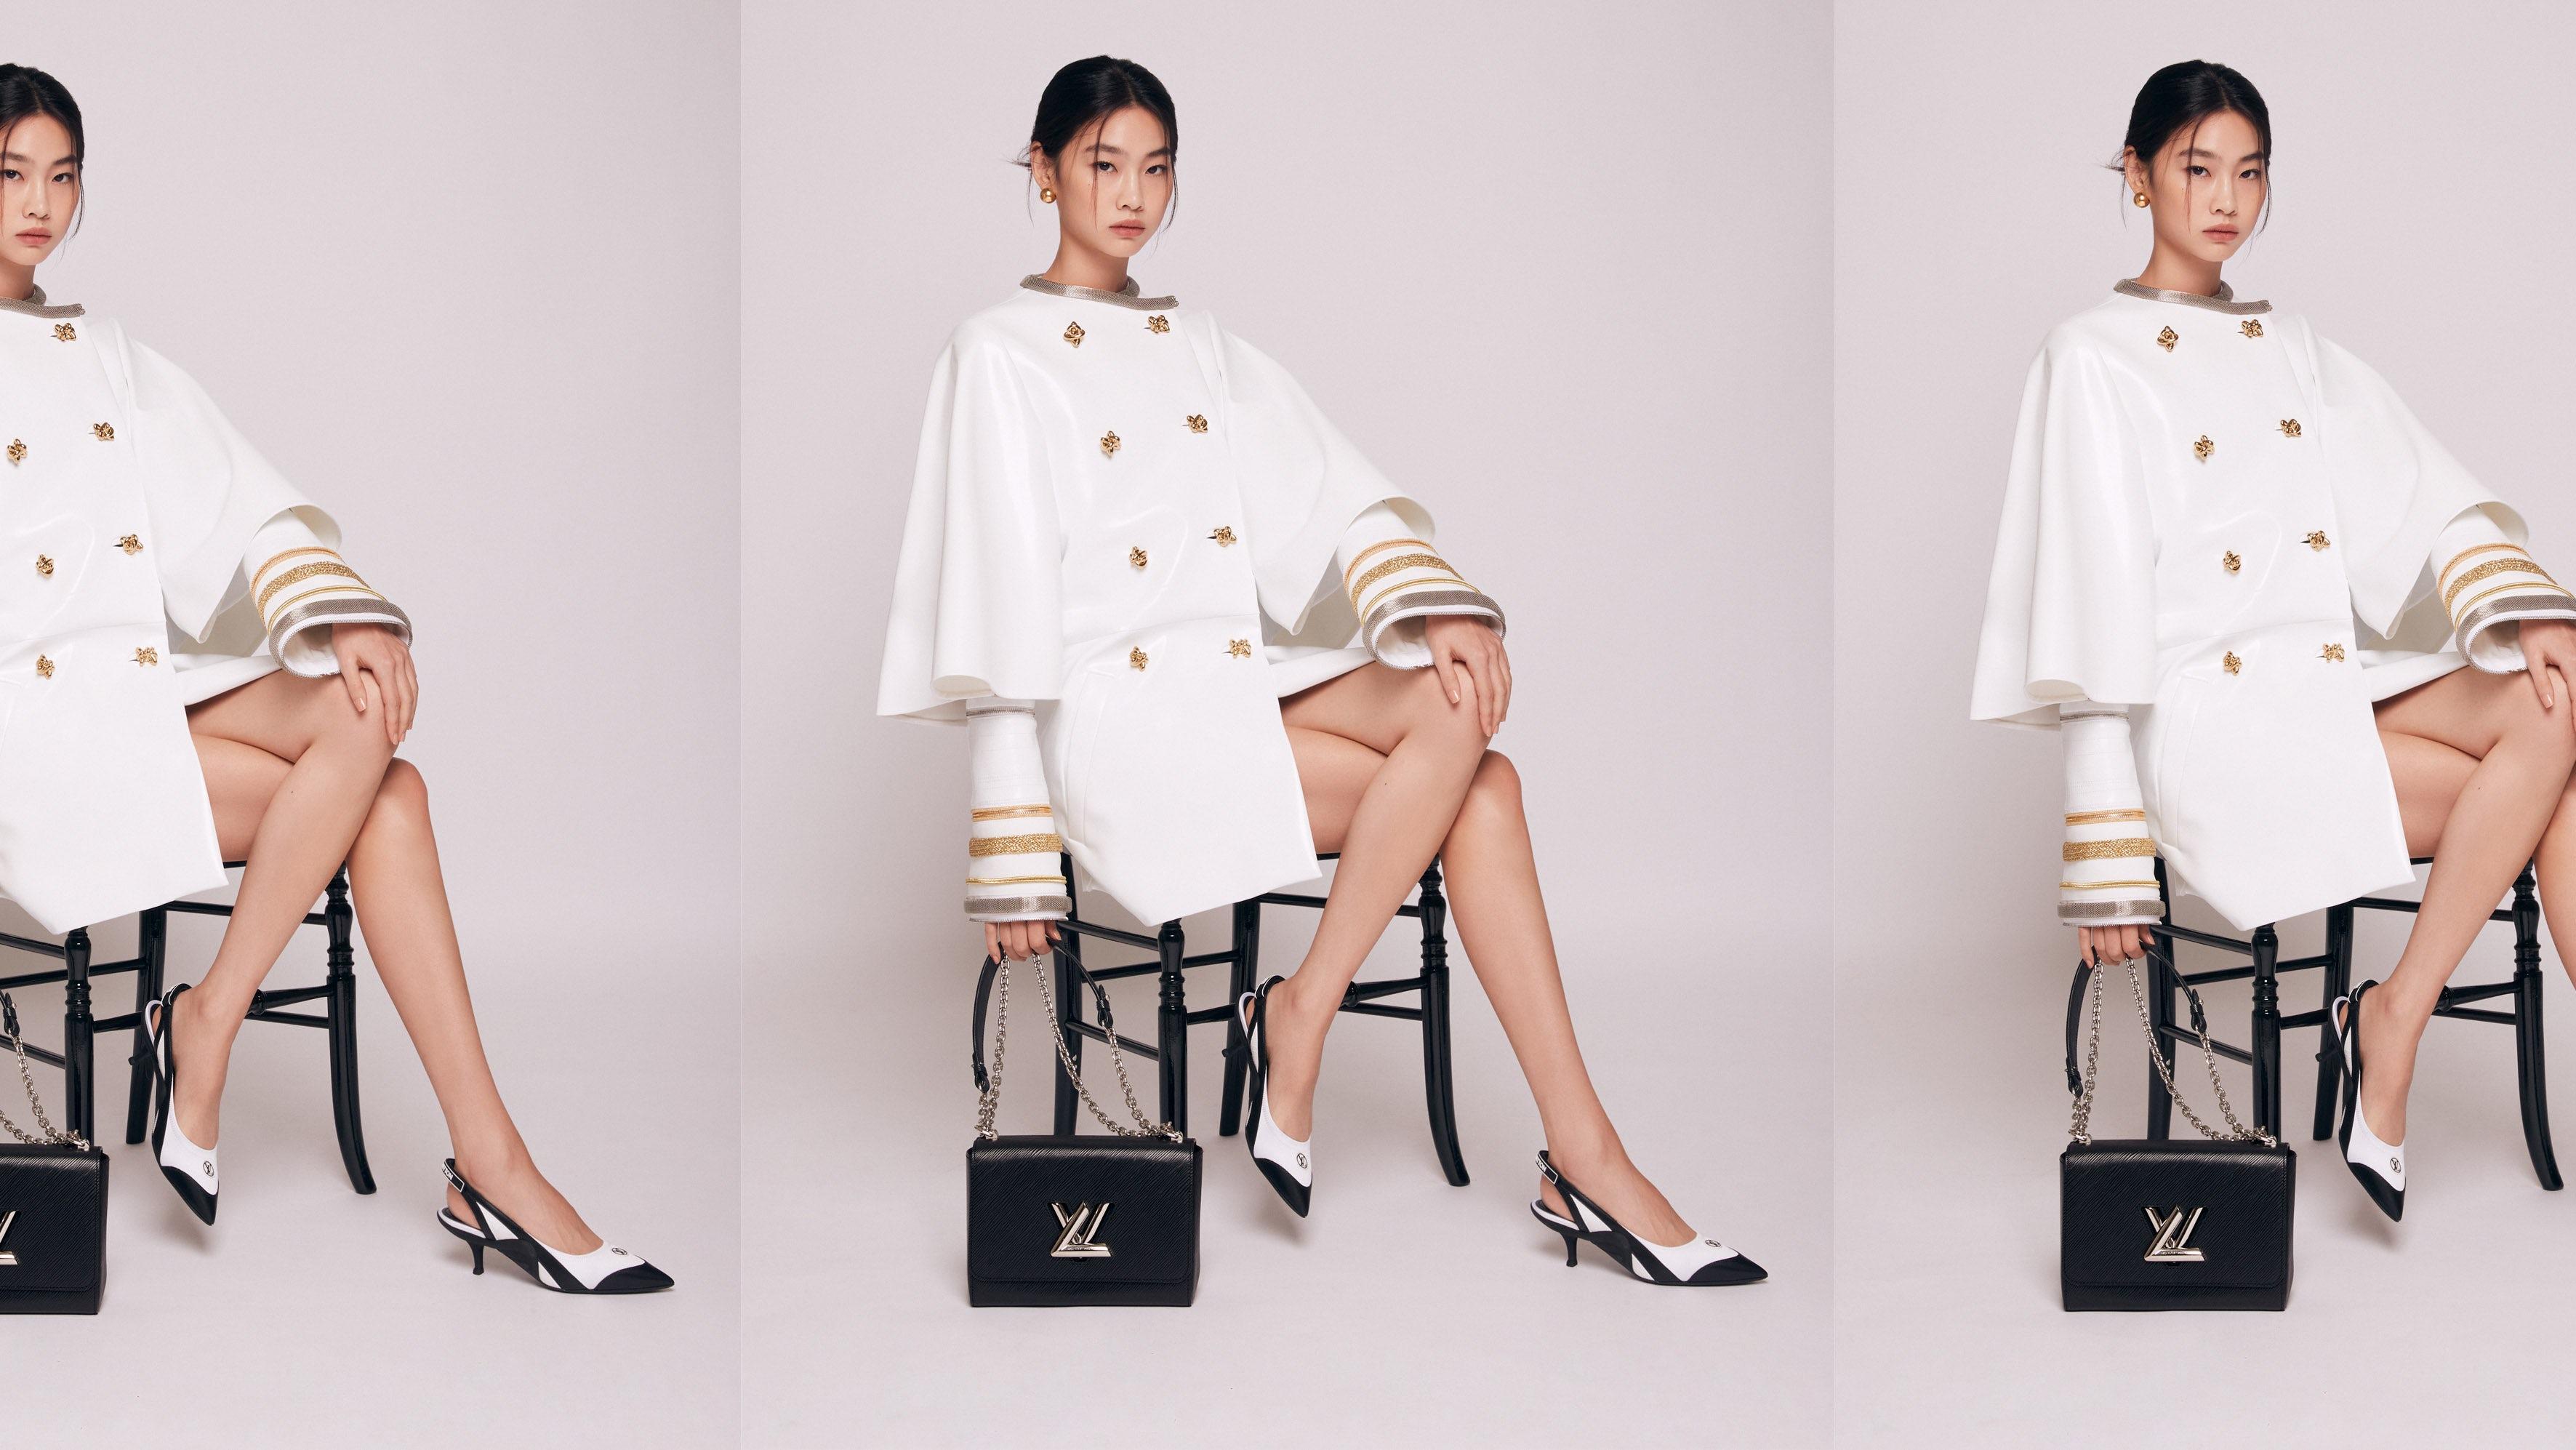 《鱿鱼游戏》的女演员郑浩妍被任命为路易威登的全球形象大使。路易威登。